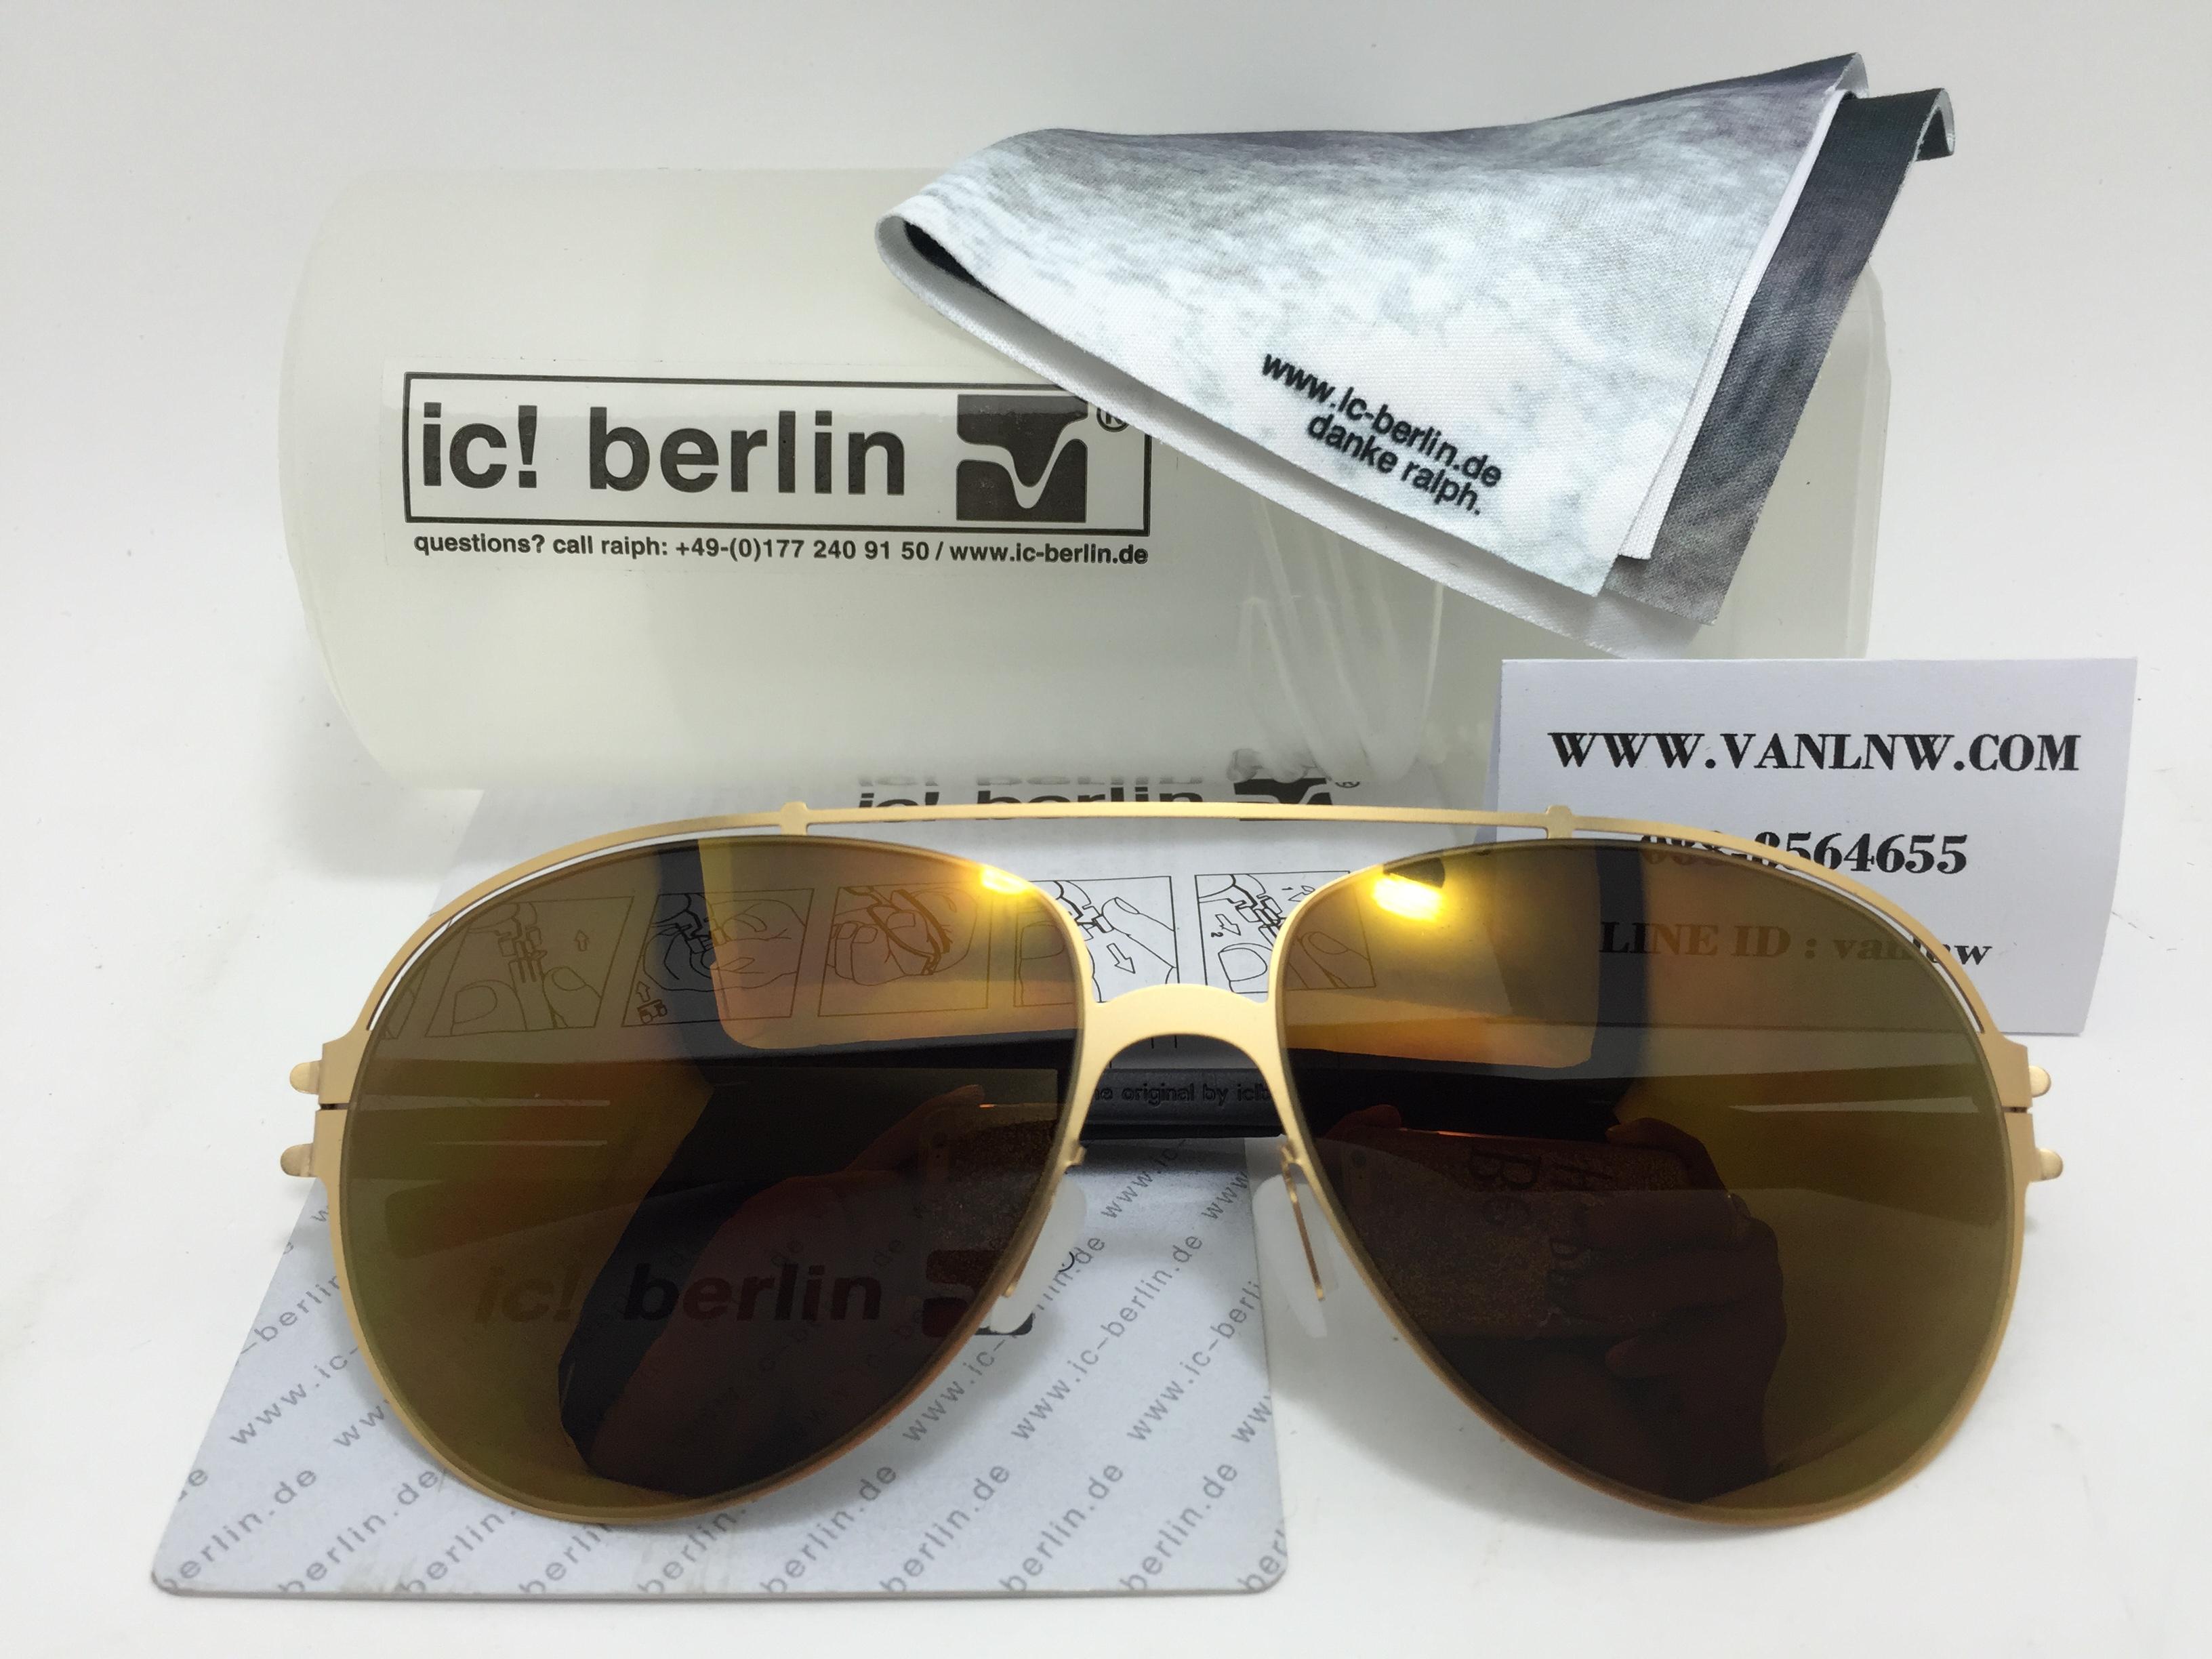 แว่นกันแดด ic berlin ruckblick matt gold 60-15 <ปรอททอง>